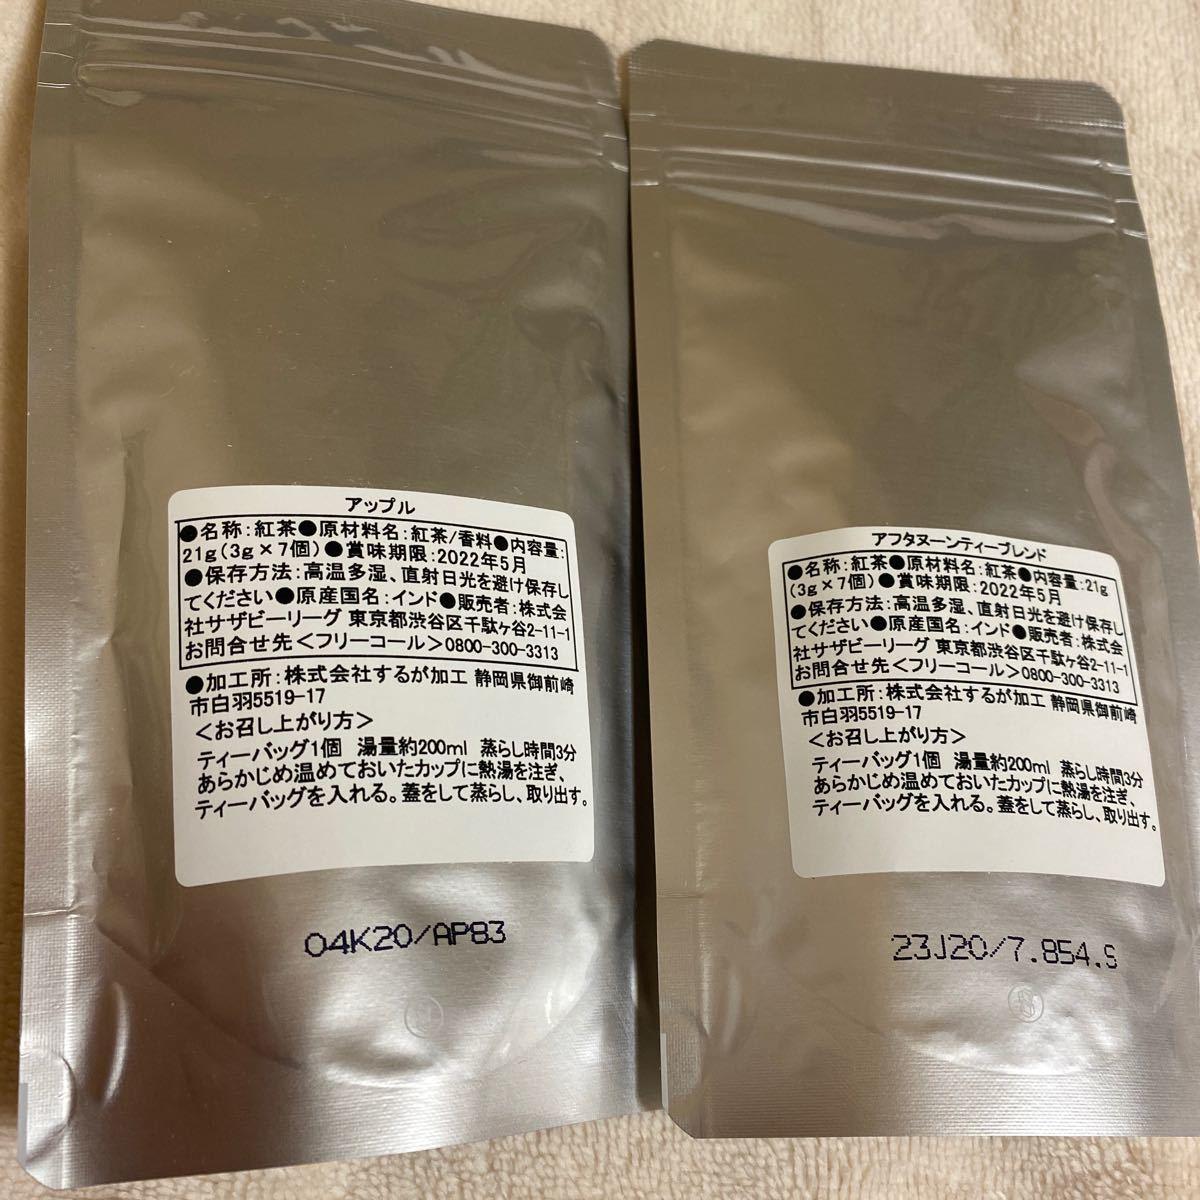 アフタヌーンティー ティーバッグ紅茶セット オマケ付き!